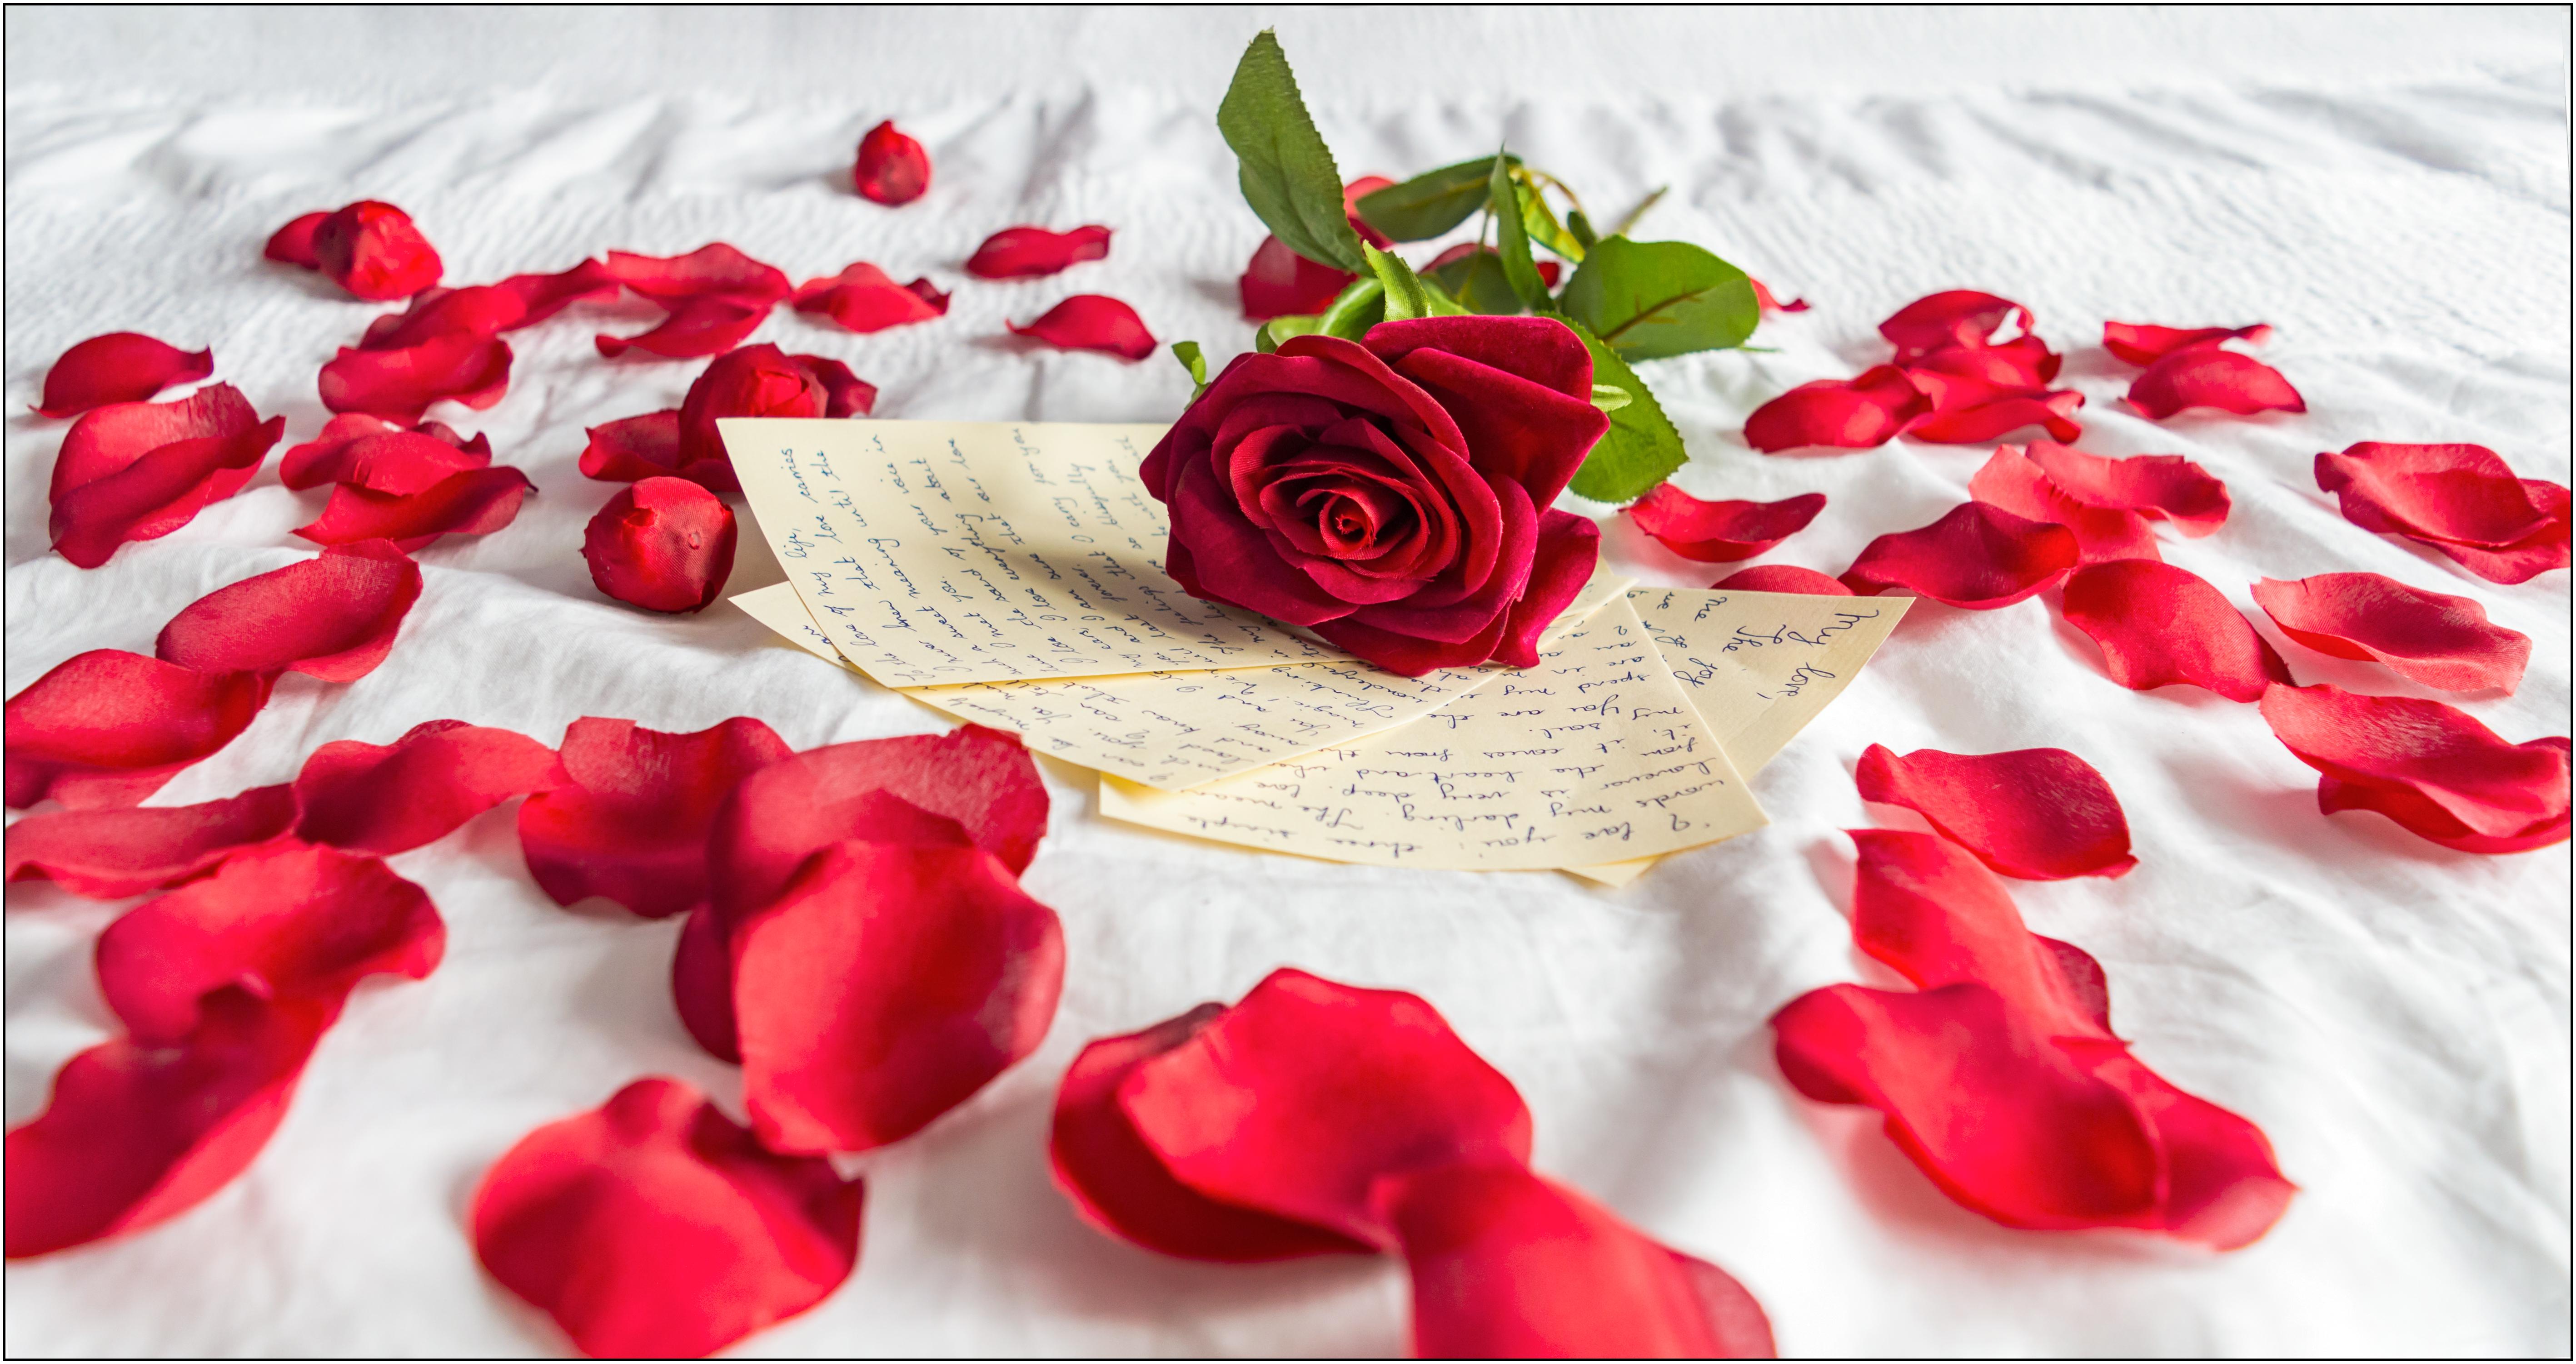 fond d 39 cran blanc amour c ur rose la saint valentin romance lettres d 39 amour p tale. Black Bedroom Furniture Sets. Home Design Ideas